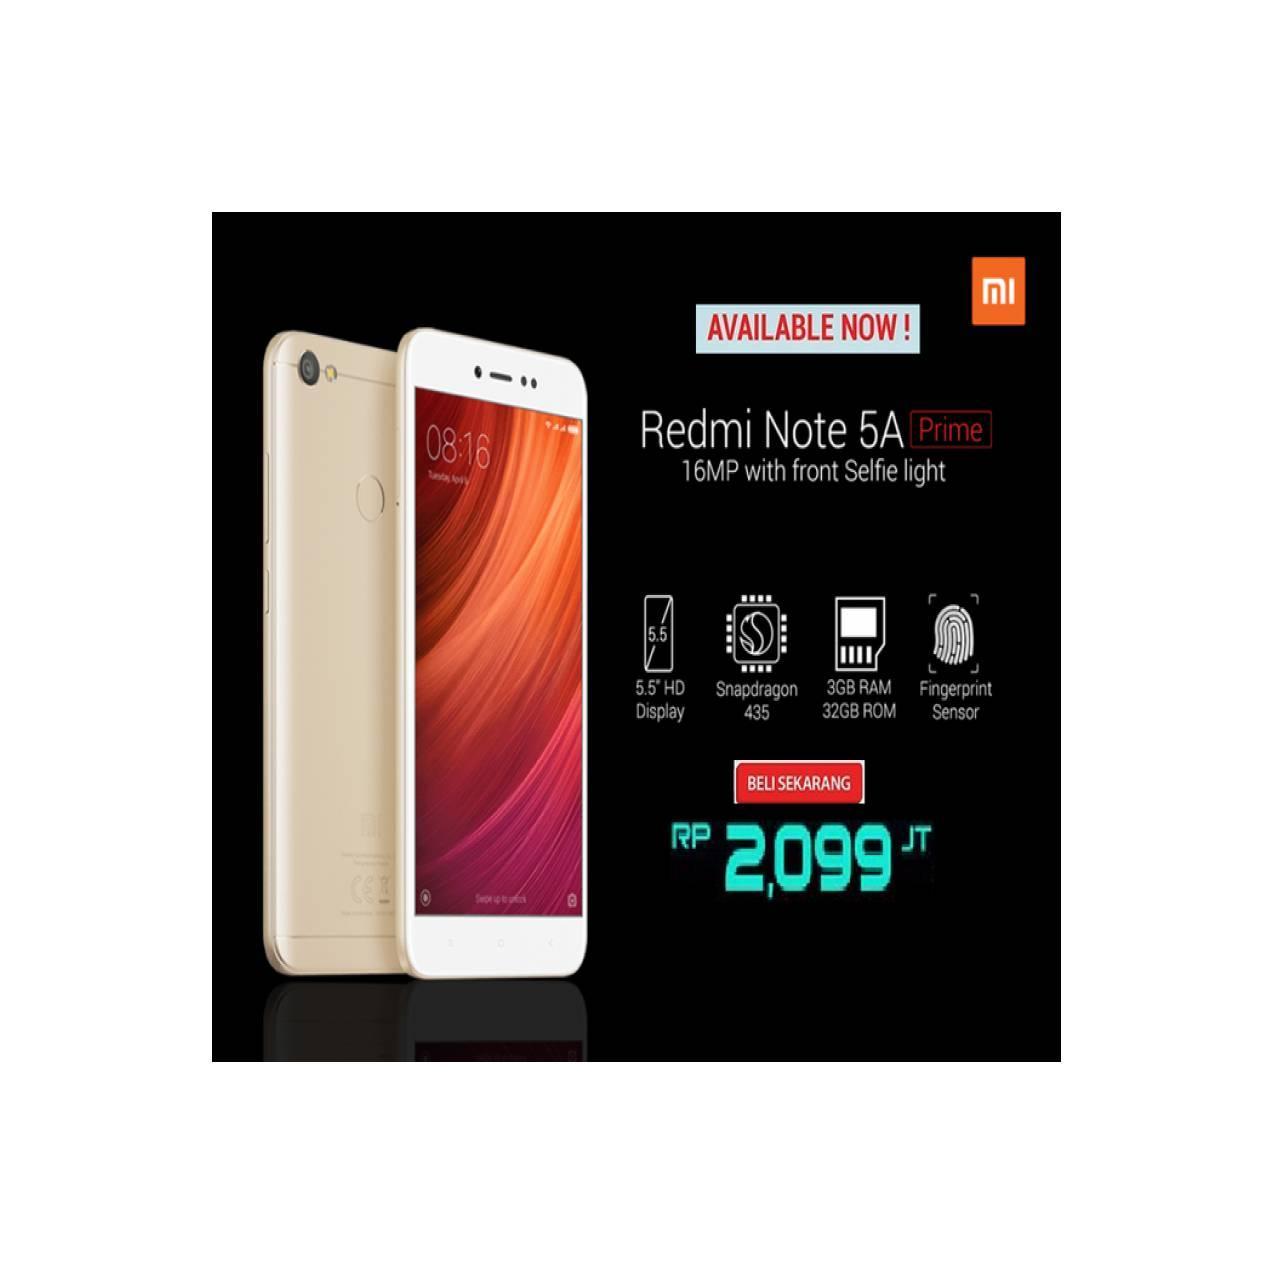 Update Harga Terbaru Hp Xiaomi 5a Gsmarena November 2018 Id Cost Redmi Ram Garansi Resmi Tam Note Prime 3gb 32gb Rosegold